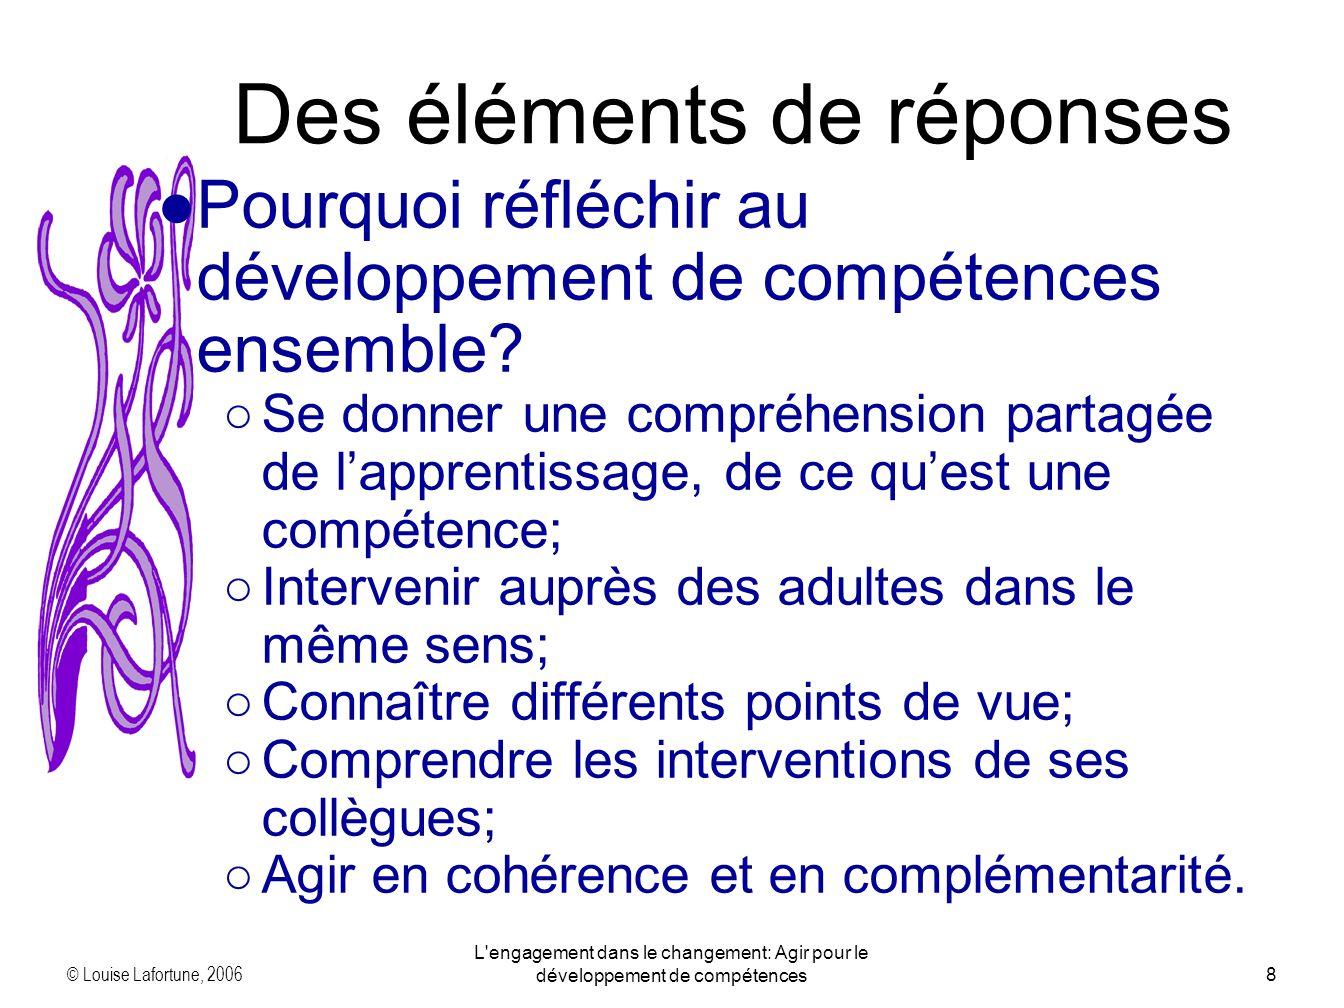 © Louise Lafortune, 2006 L'engagement dans le changement: Agir pour le développement de compétences8 Des éléments de réponses Pourquoi réfléchir au dé